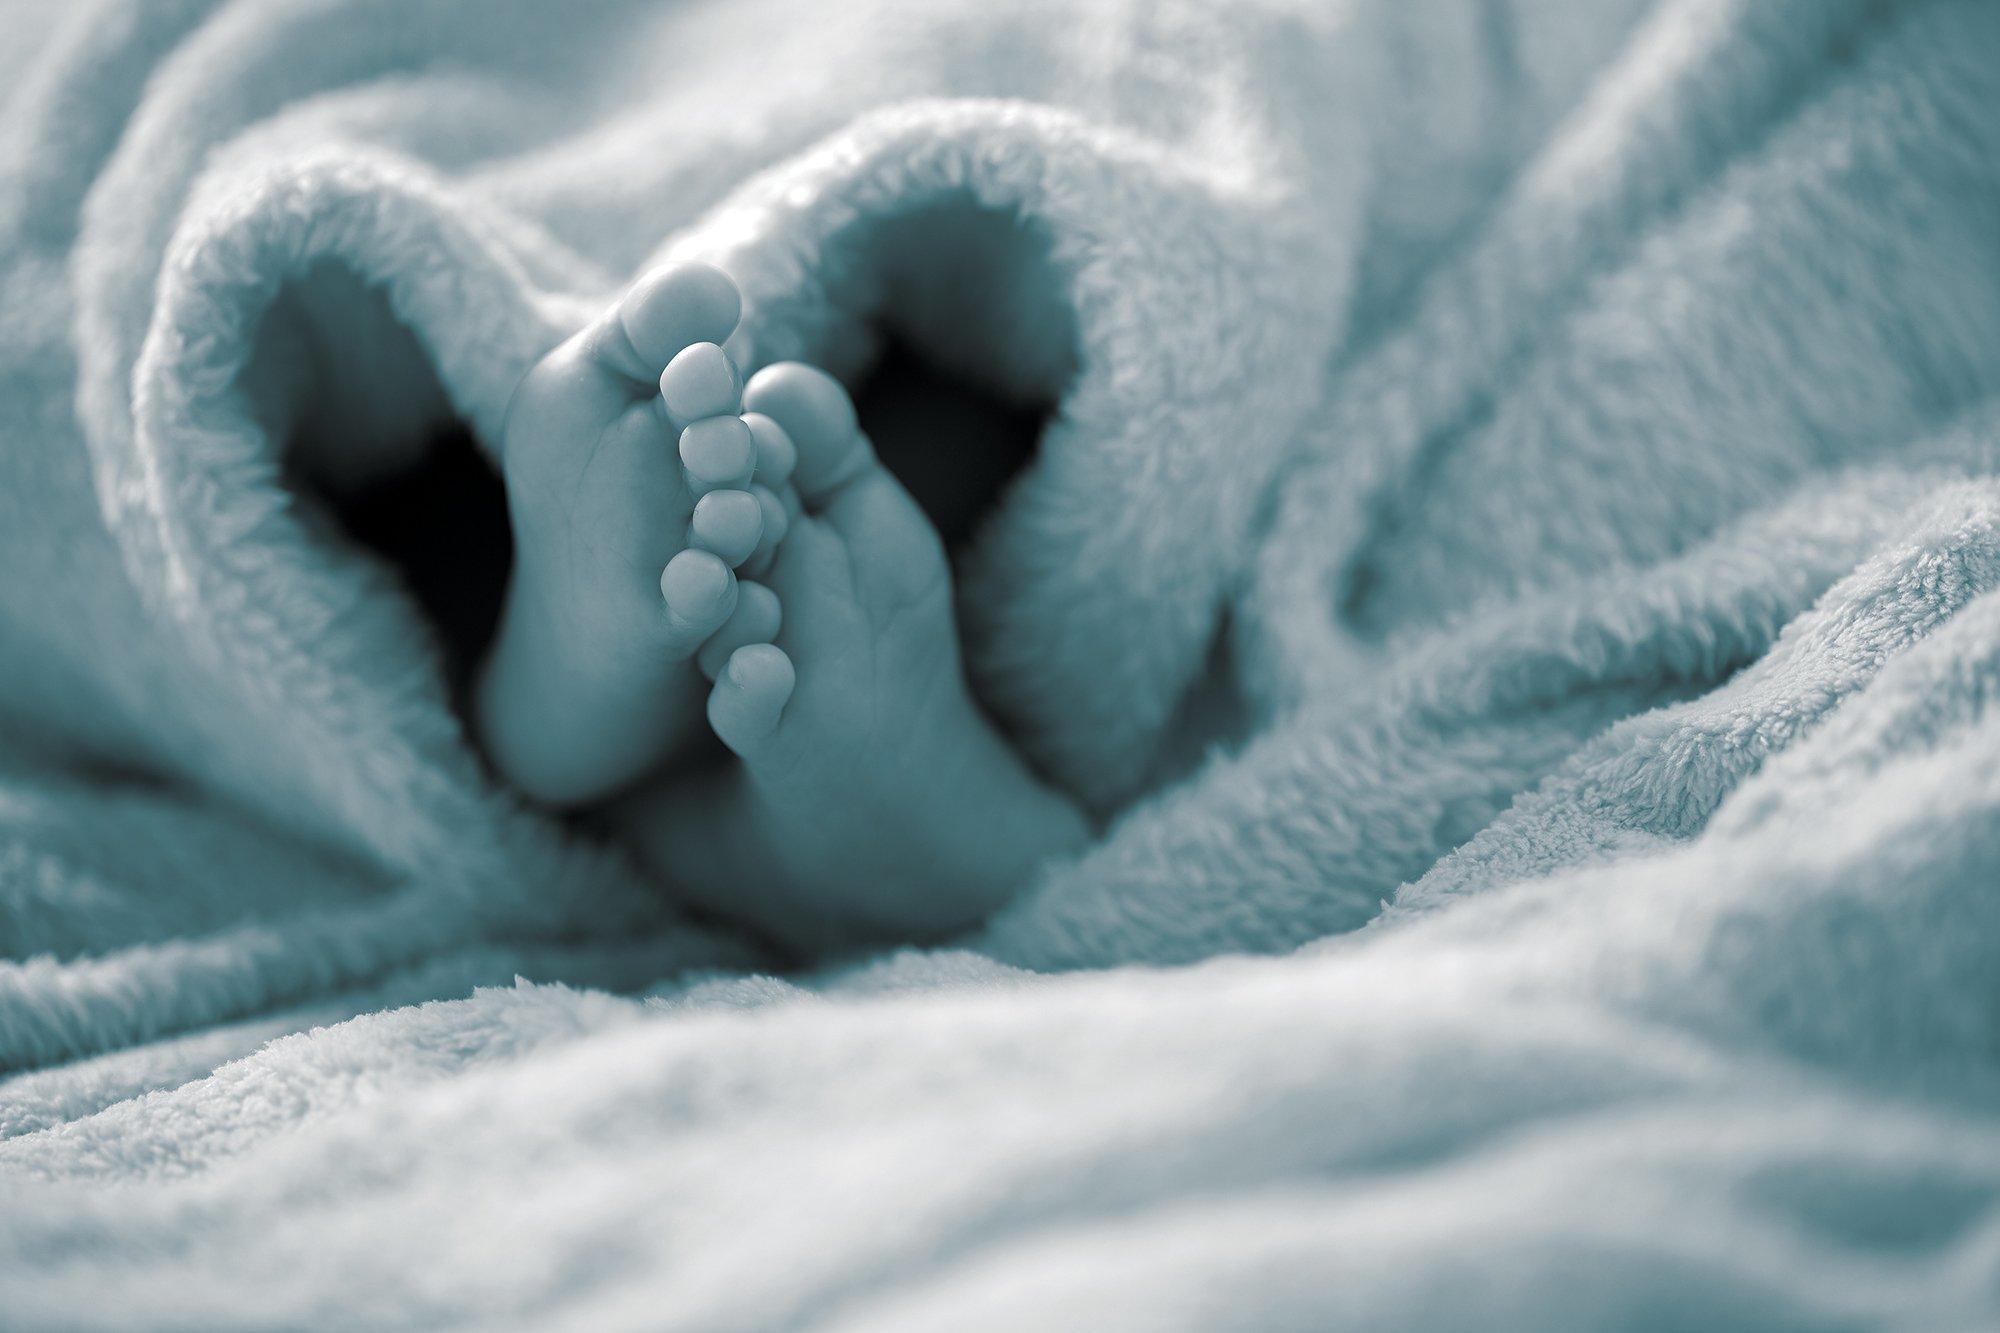 Απίστευτο : 11χρονη ξεγέννησε στο σπίτι τη μαμά της ενώ περίμεναν το ασθενοφόρο